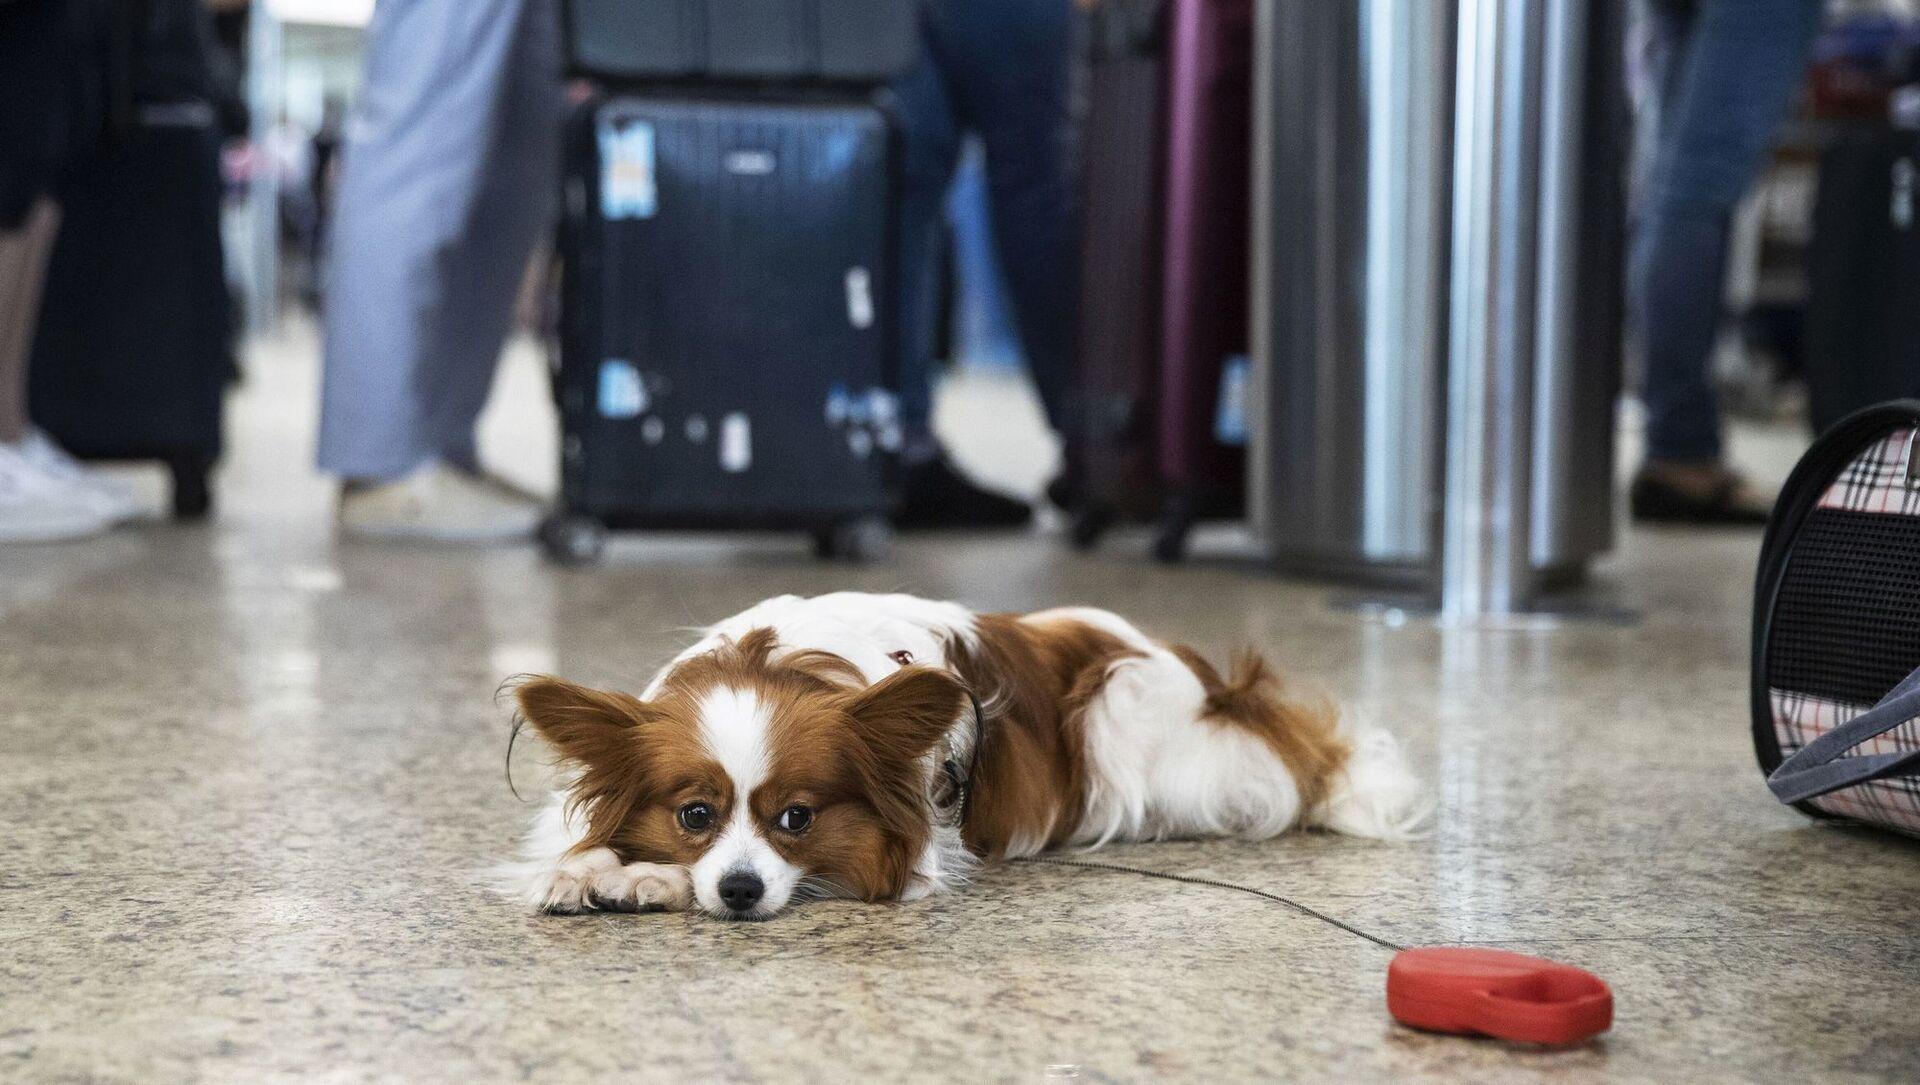 Собака в аэропорту, фото из архива - Sputnik Азербайджан, 1920, 15.02.2021